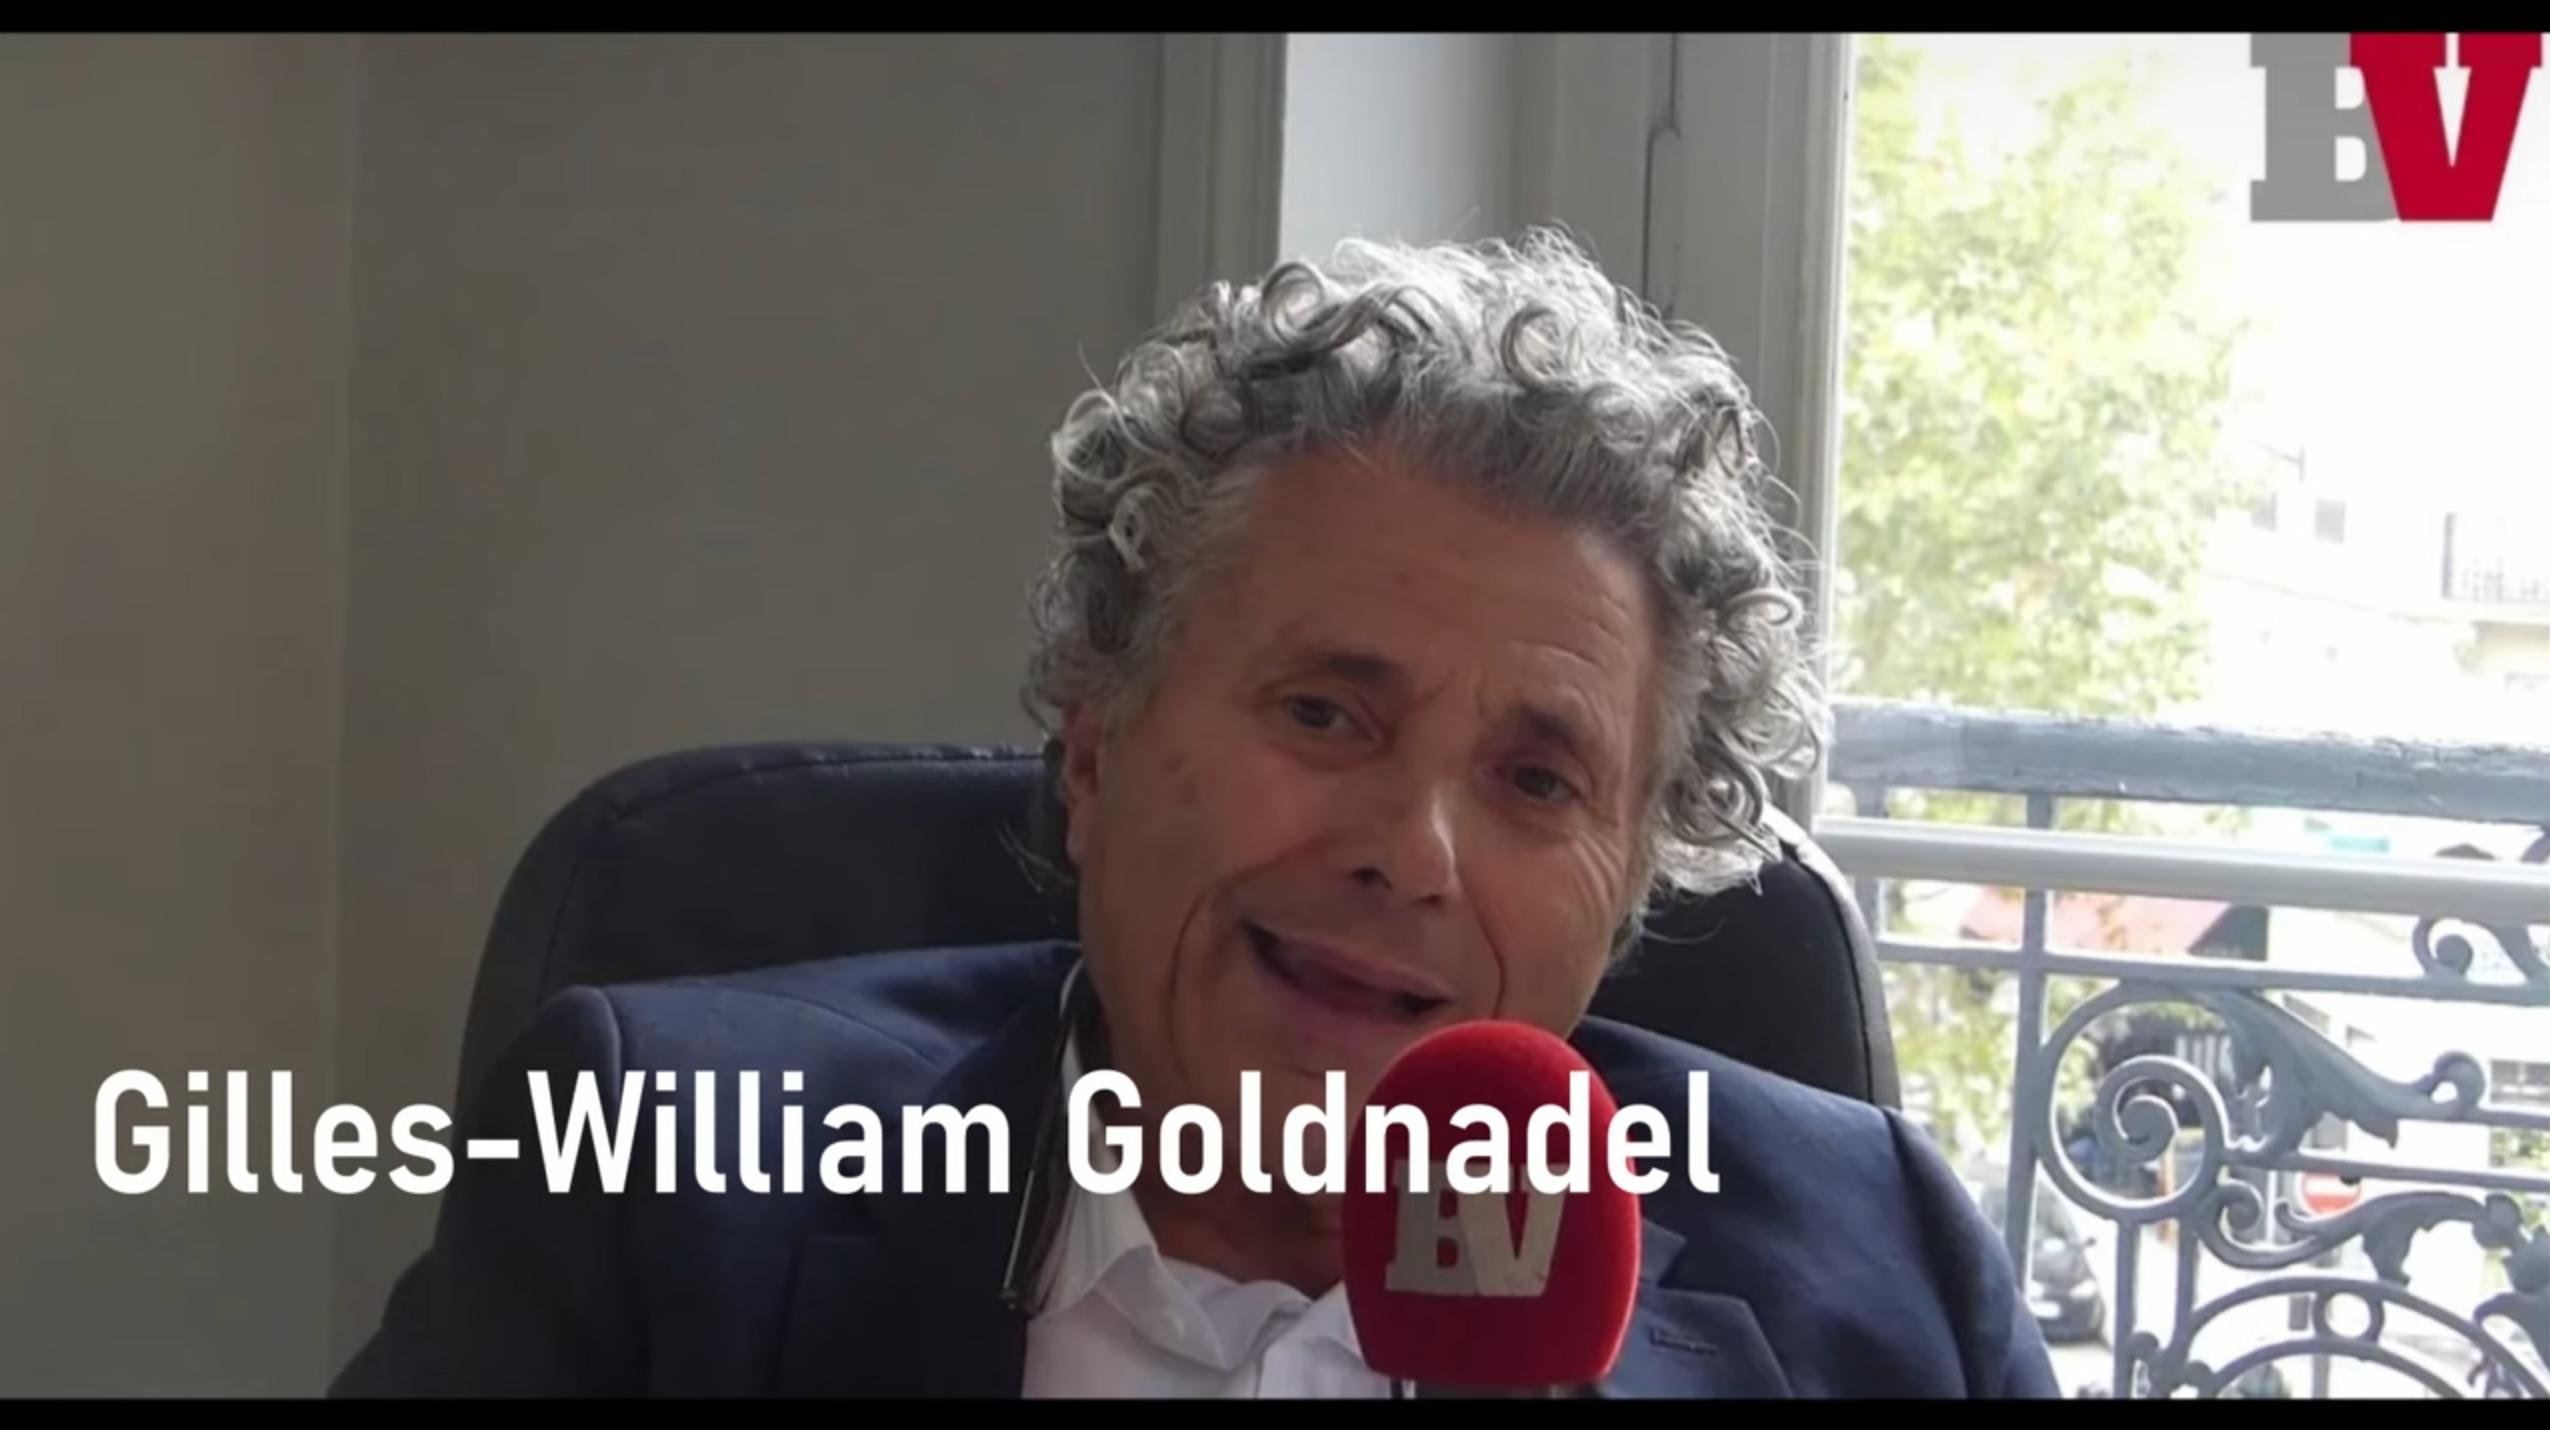 Gilles-William Goldnadel sur les écolos : Des extrémistes de gauche (AUDIO)